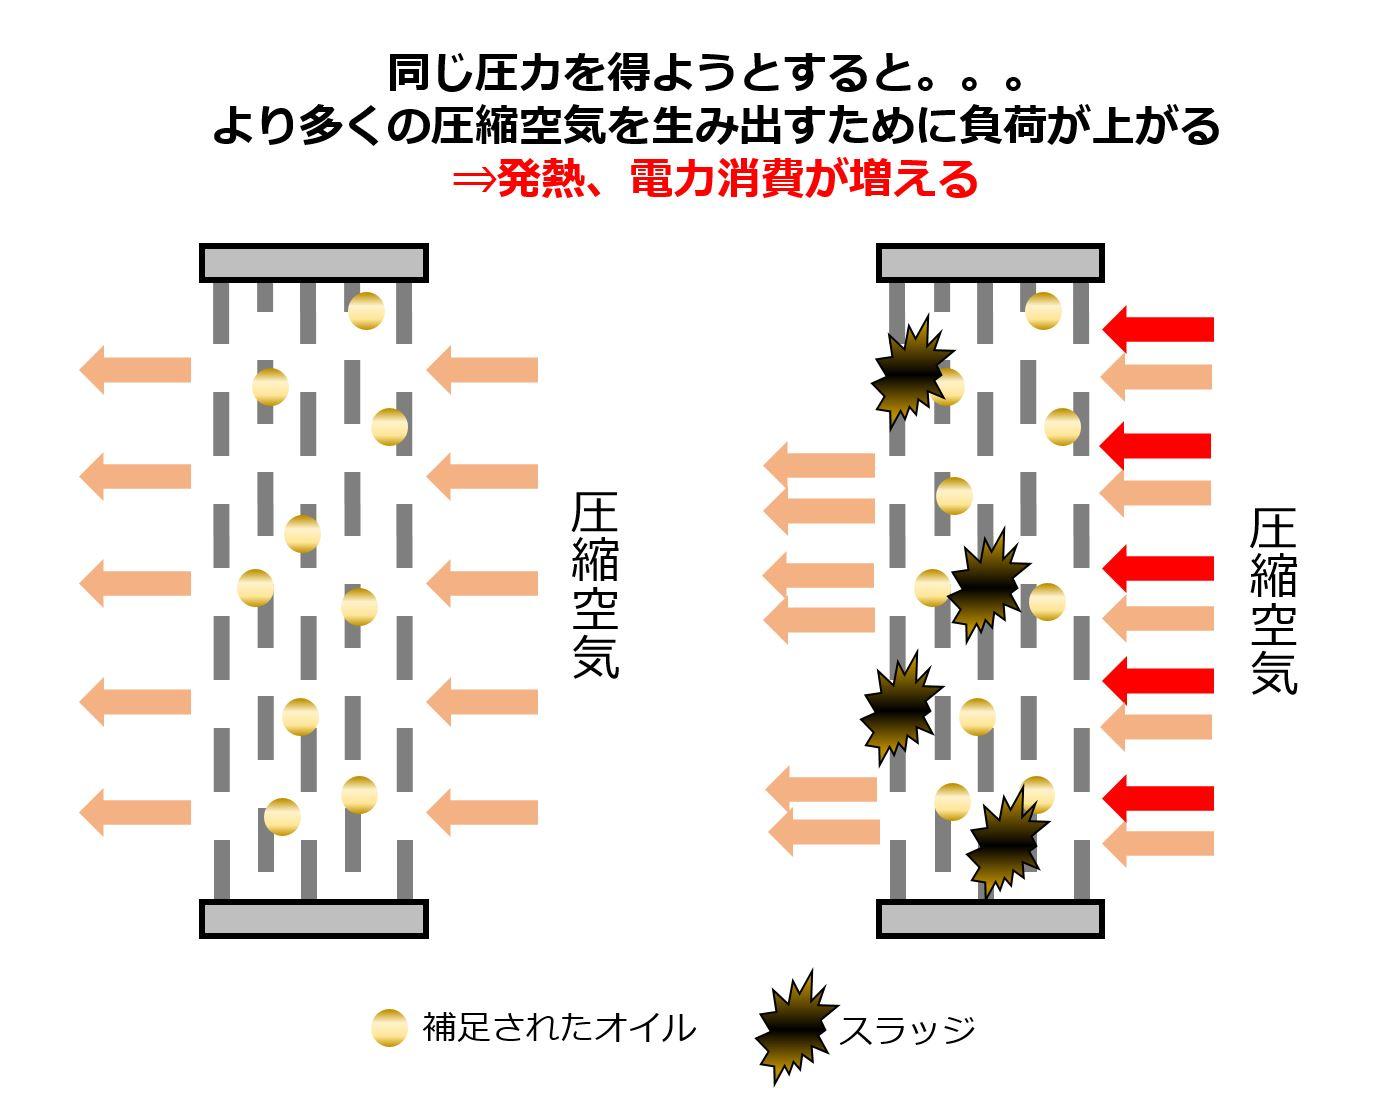 スラッジが多いときにセパレータの目詰まりによる圧音のイメージ図です。